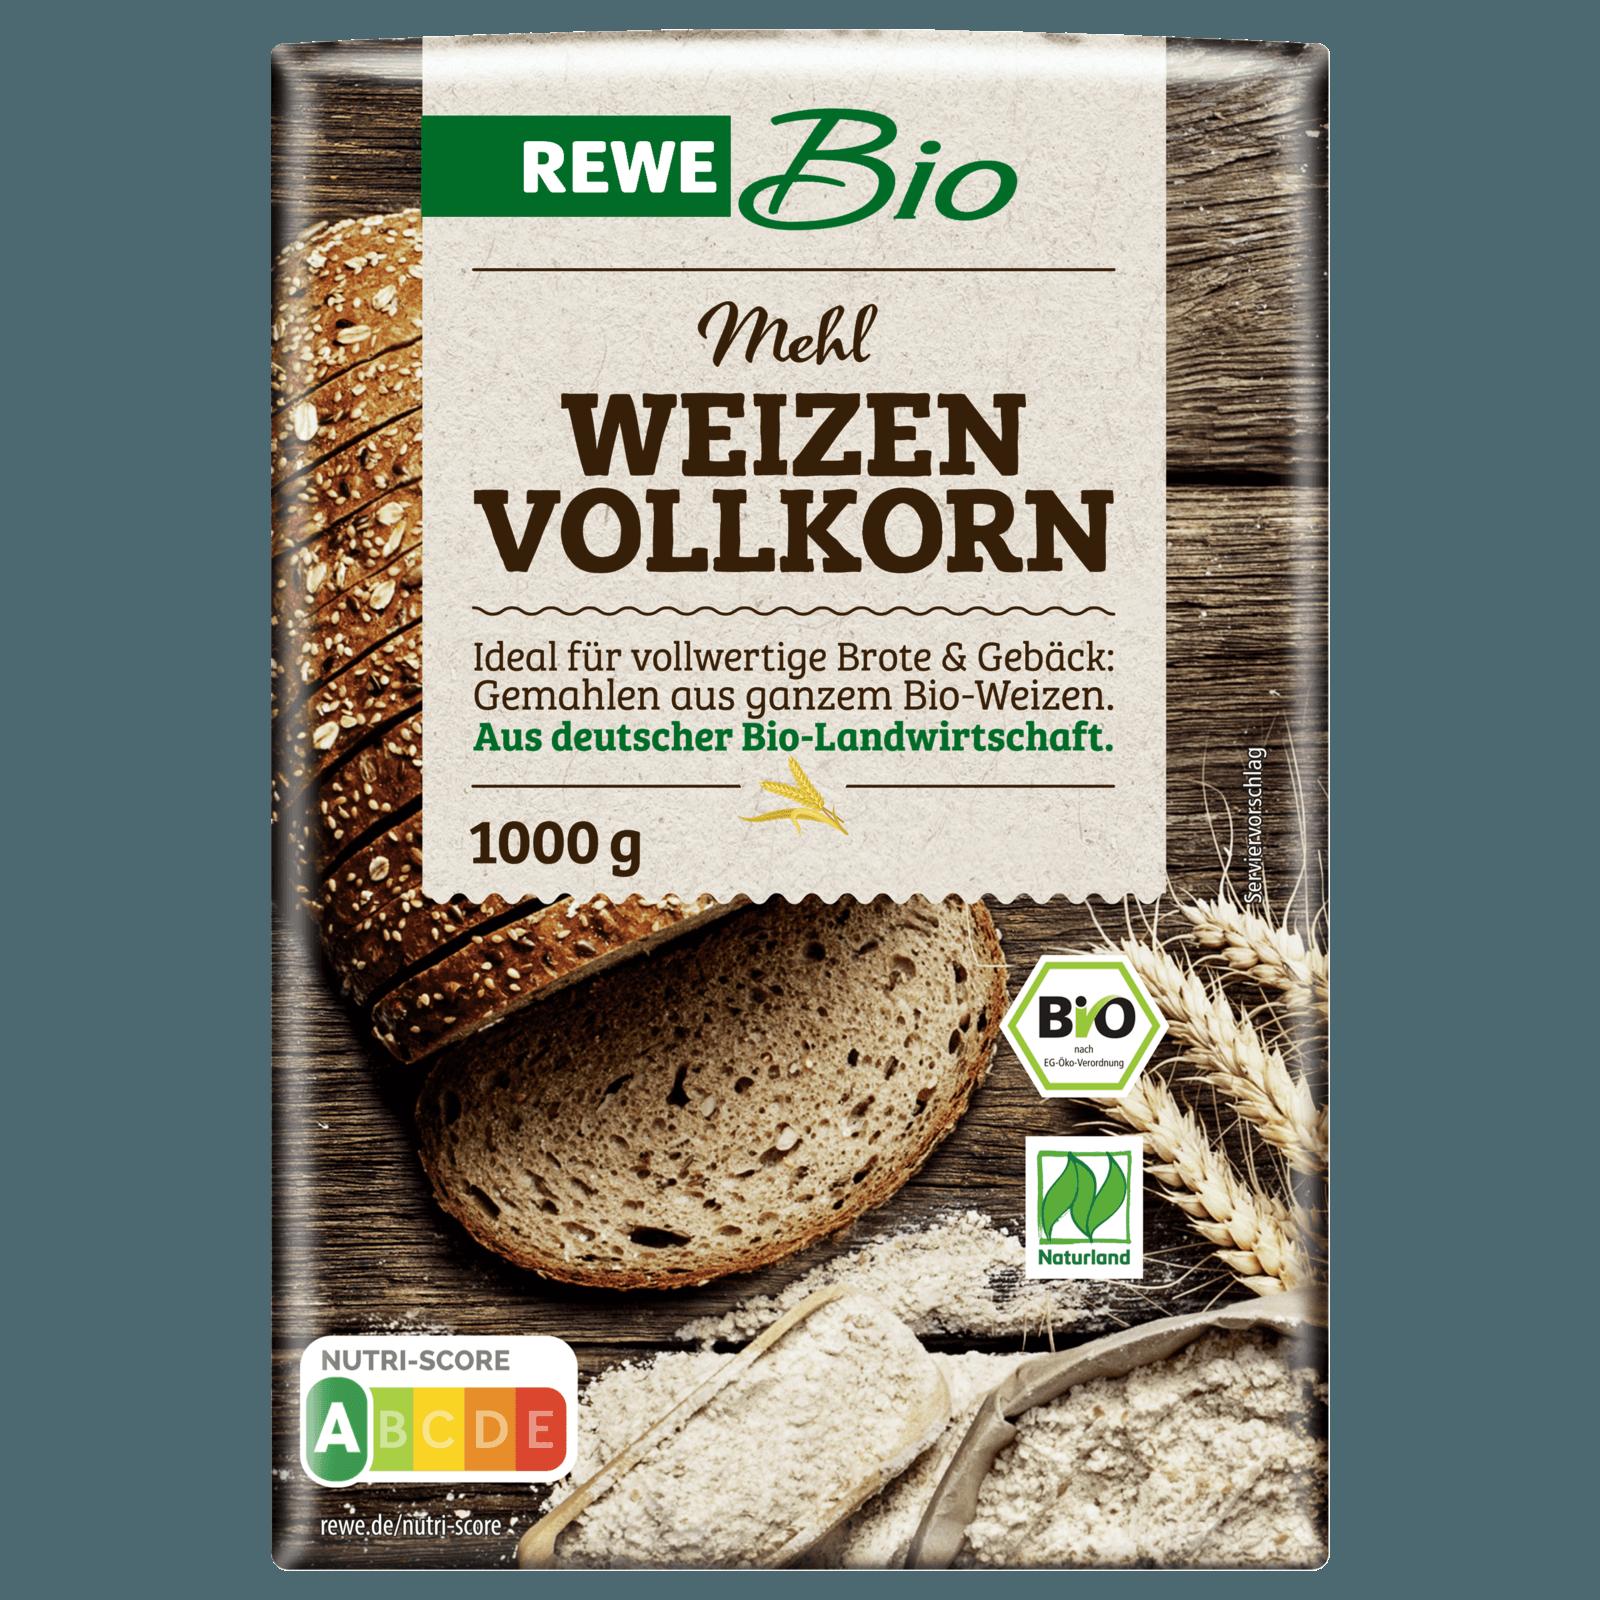 Rewe Bio Weizen Vollkornmehl 1kg Bei Rewe Online Bestellen